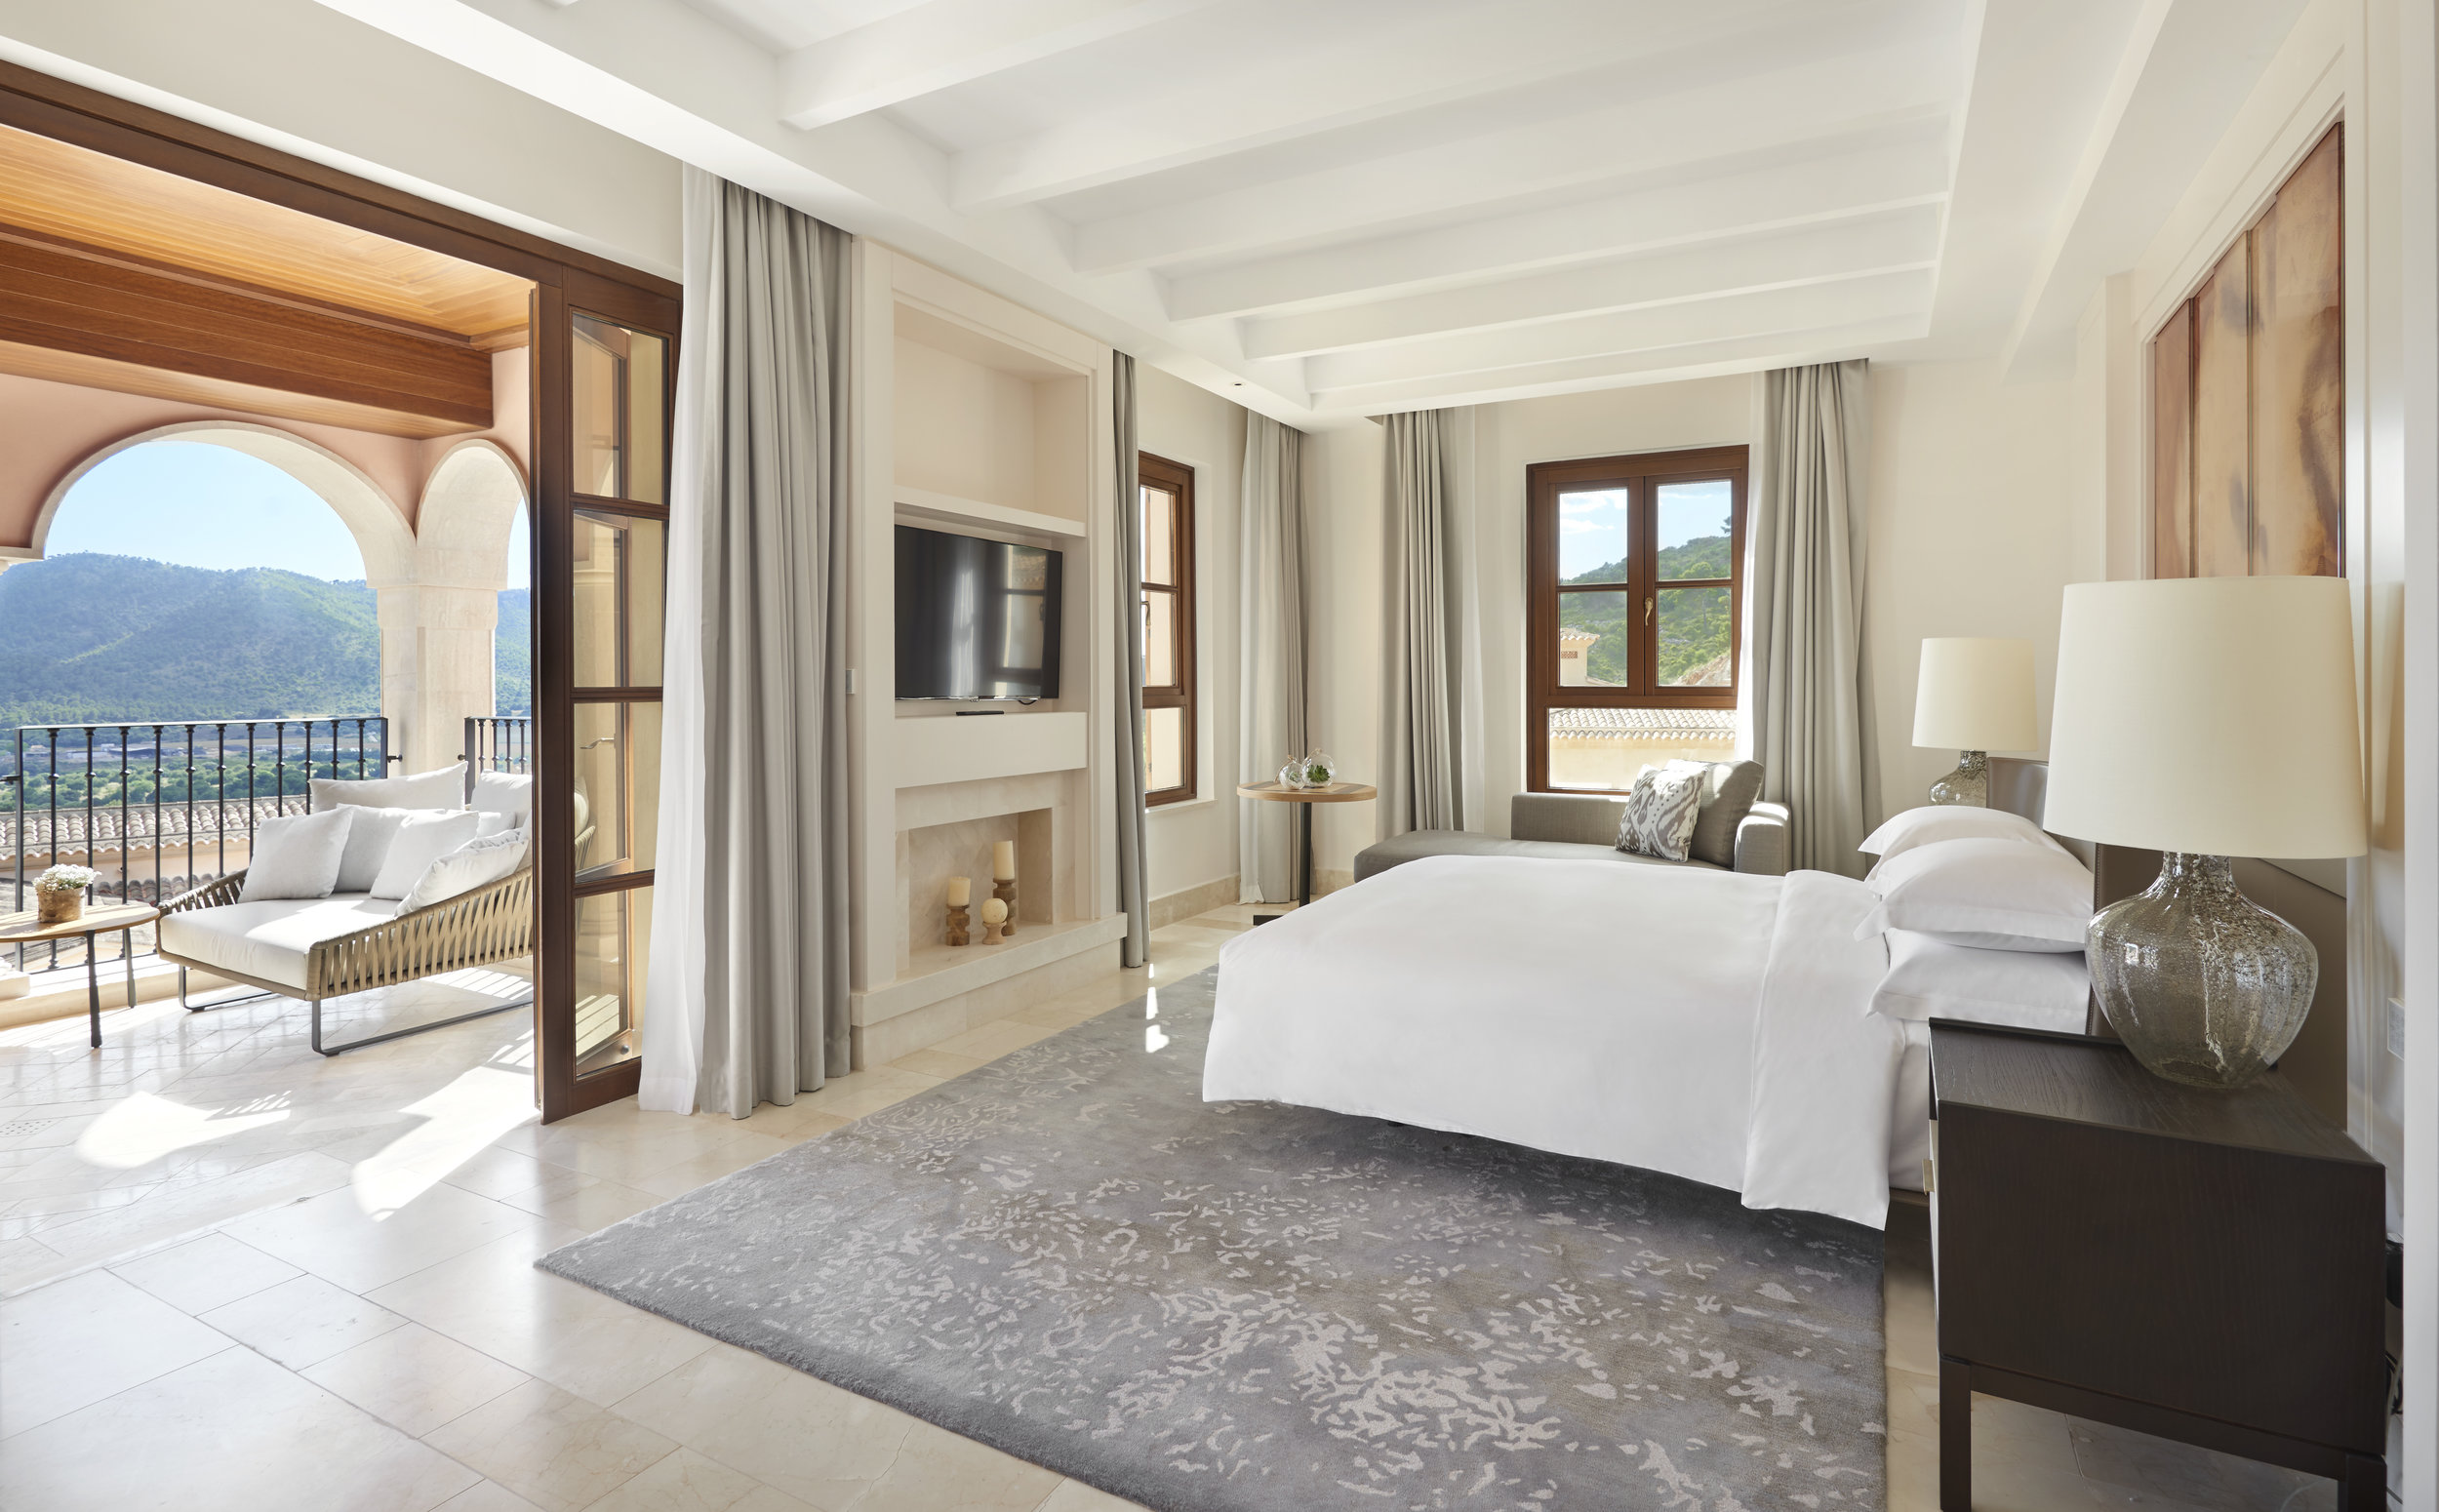 ST-Park-Hyatt-Mallorca-Presidential-Suite-Bedroom.jpg